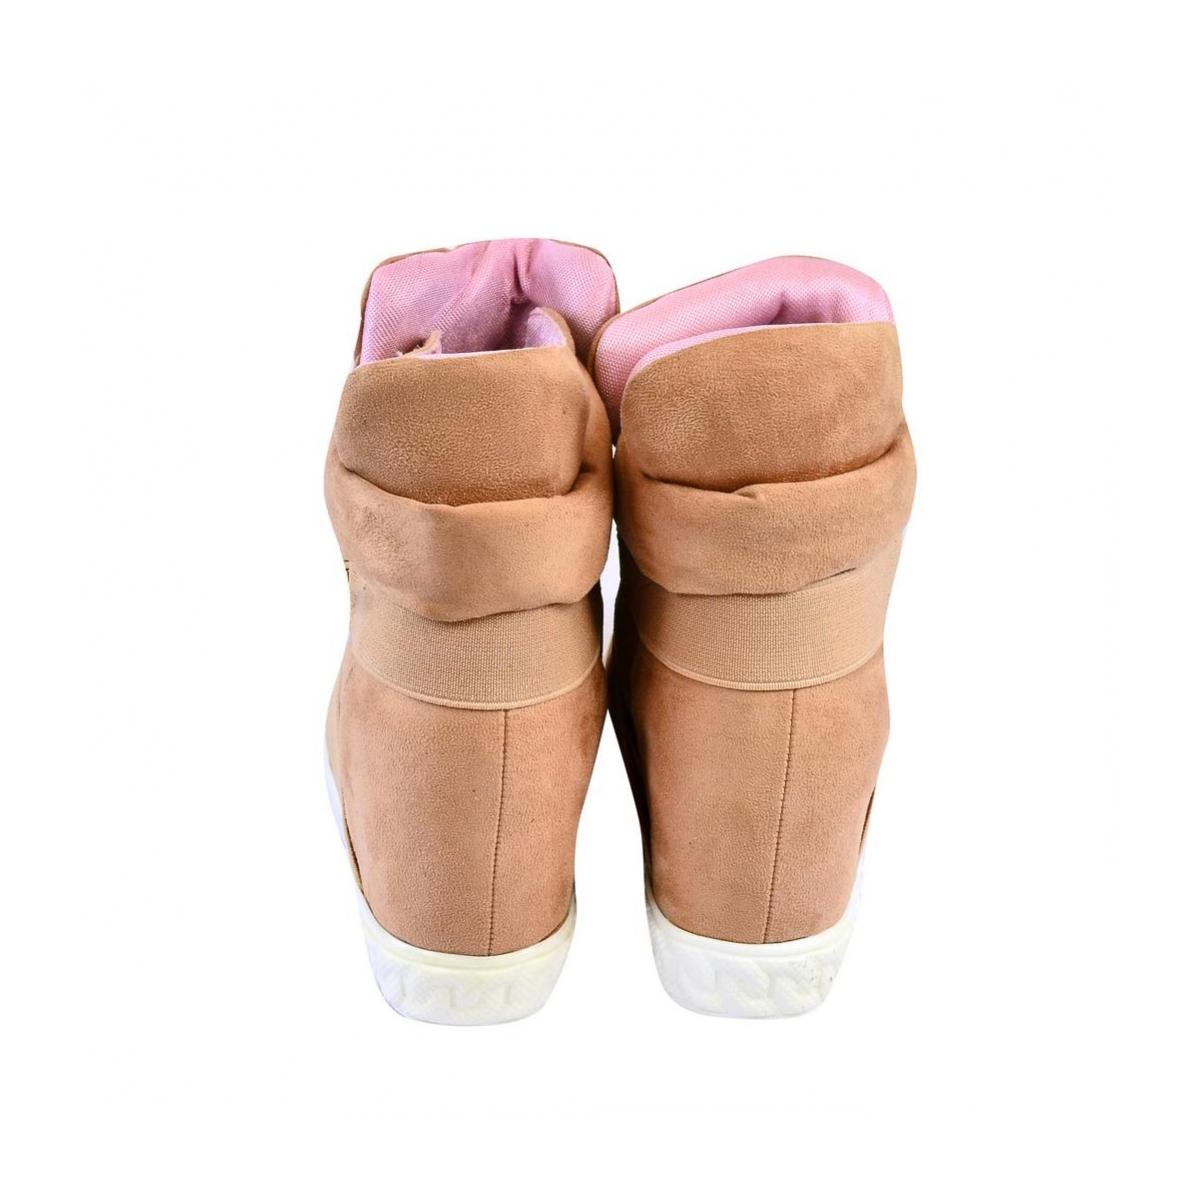 8db49dfb51 Dámske ružové čižmy ROPE - 4